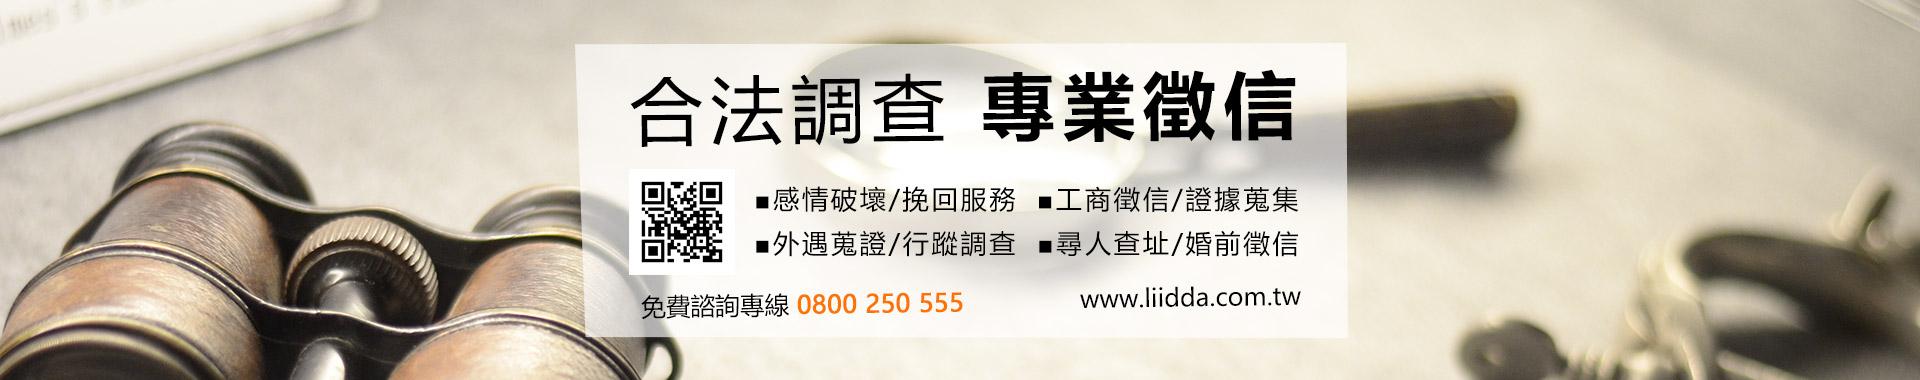 徵信社法律服務